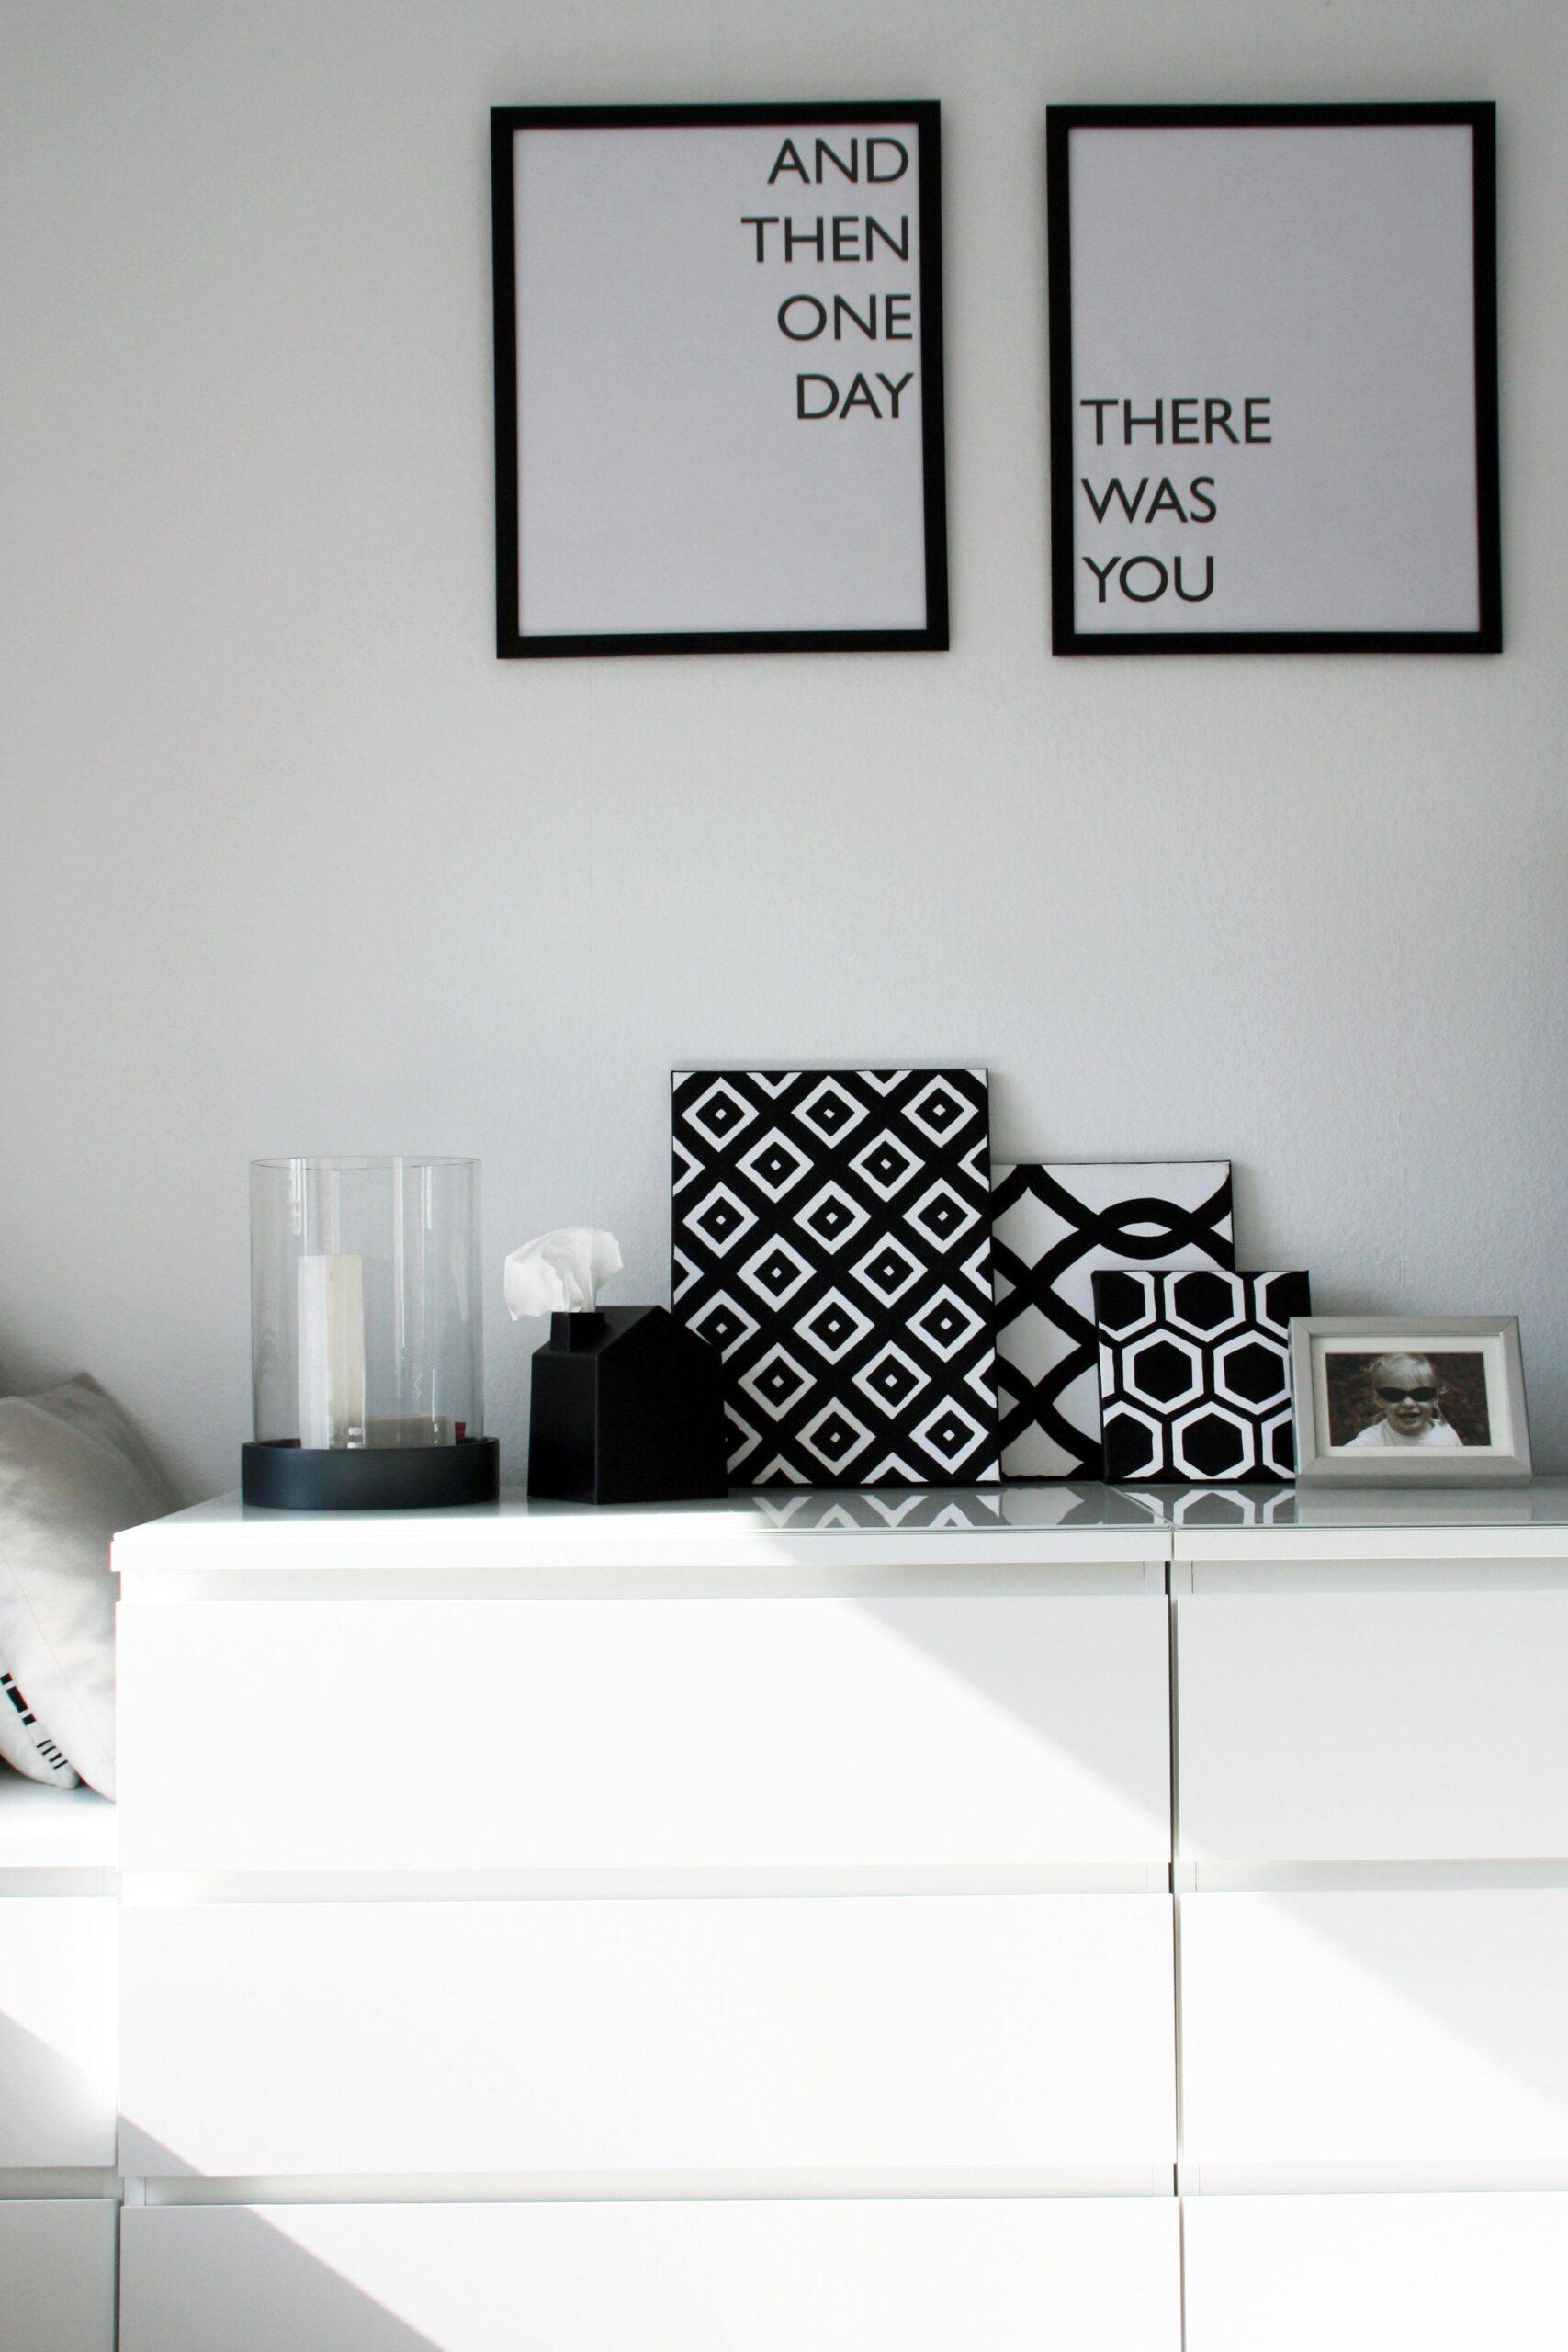 Full Size of Sideboard Bedroom Deko Wohnen Living Greycro Wohnzimmer Badezimmer Schlafzimmer Dekoration Für Küche Mit Arbeitsplatte Wanddeko Wohnzimmer Deko Sideboard